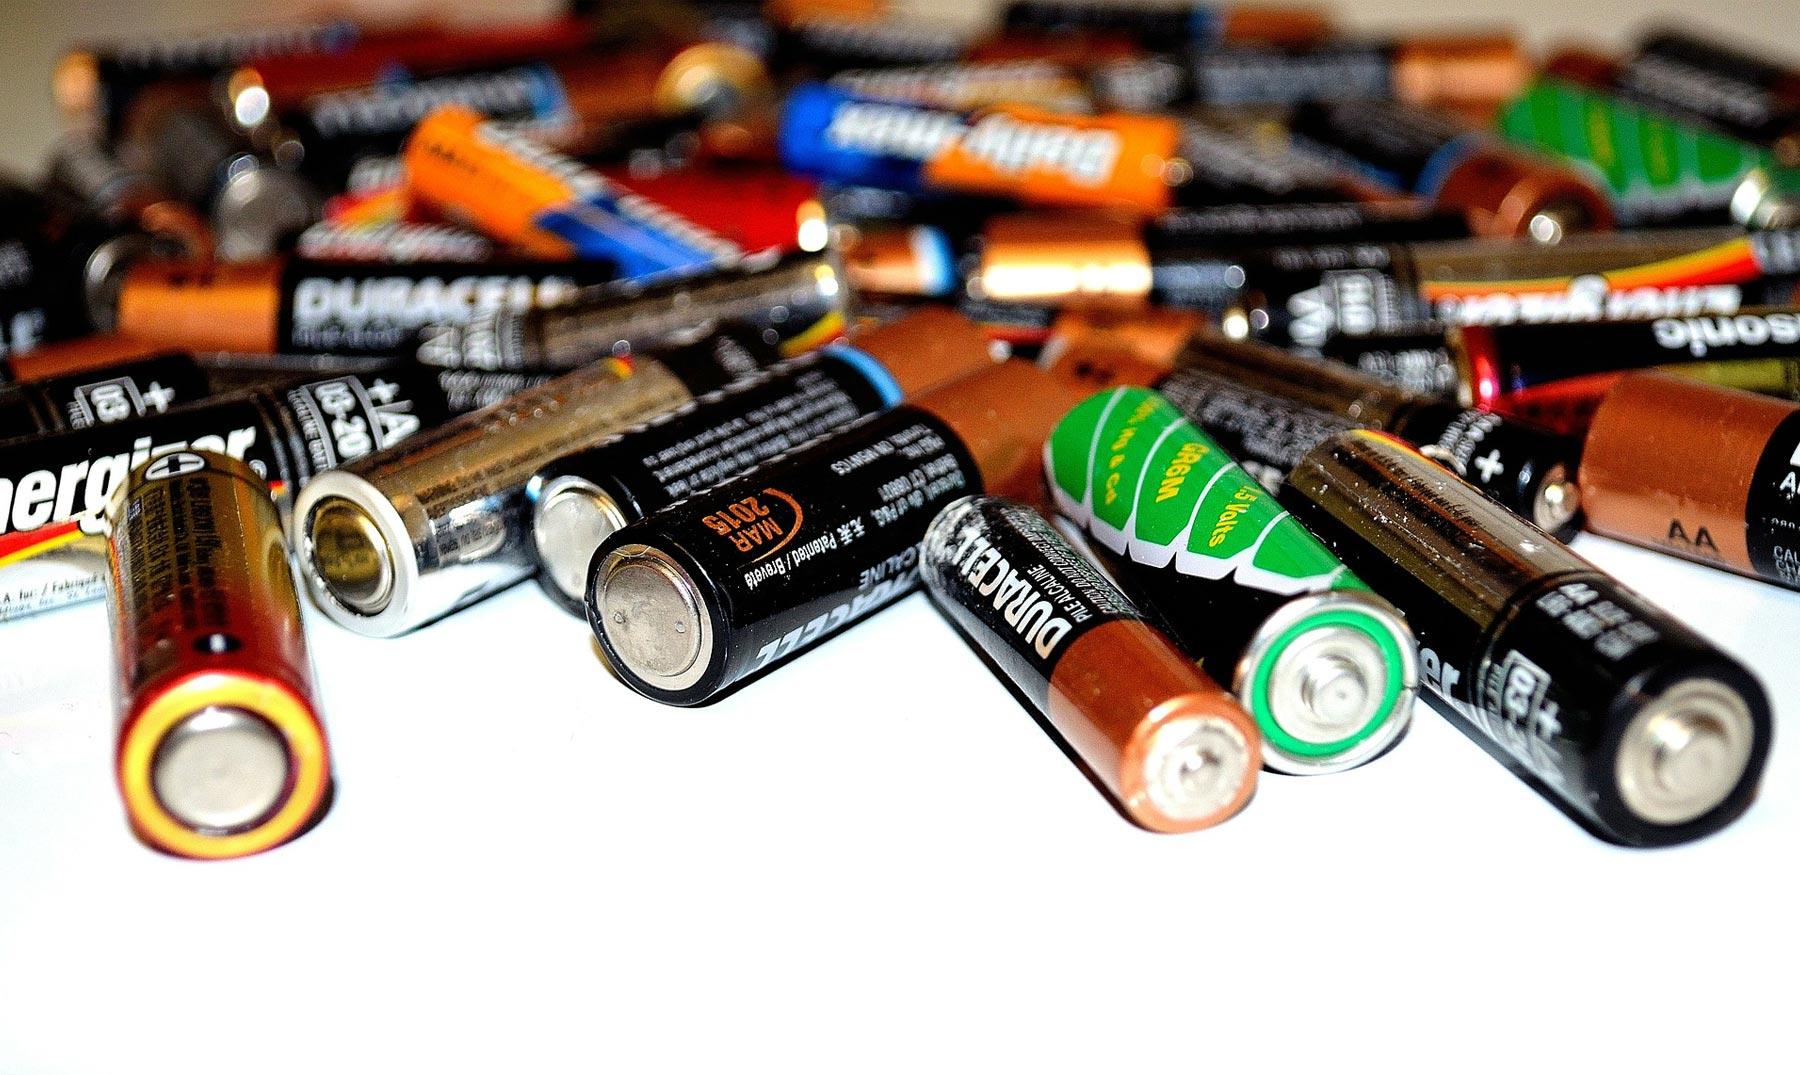 Baterías: gran invento, pero contaminante